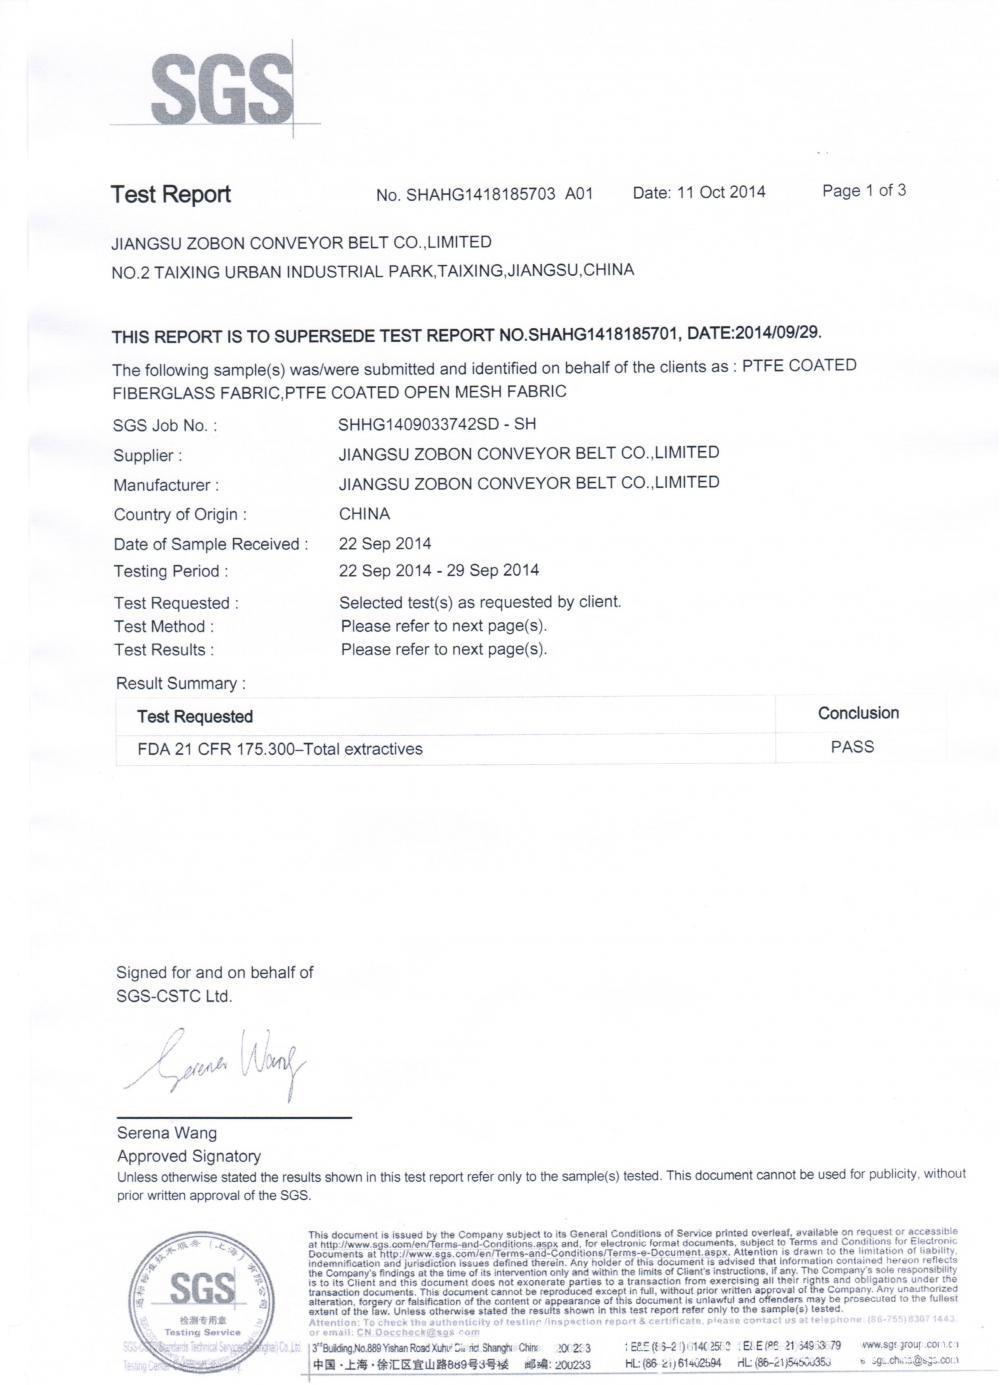 Teflon Baking Sheet (FDA)